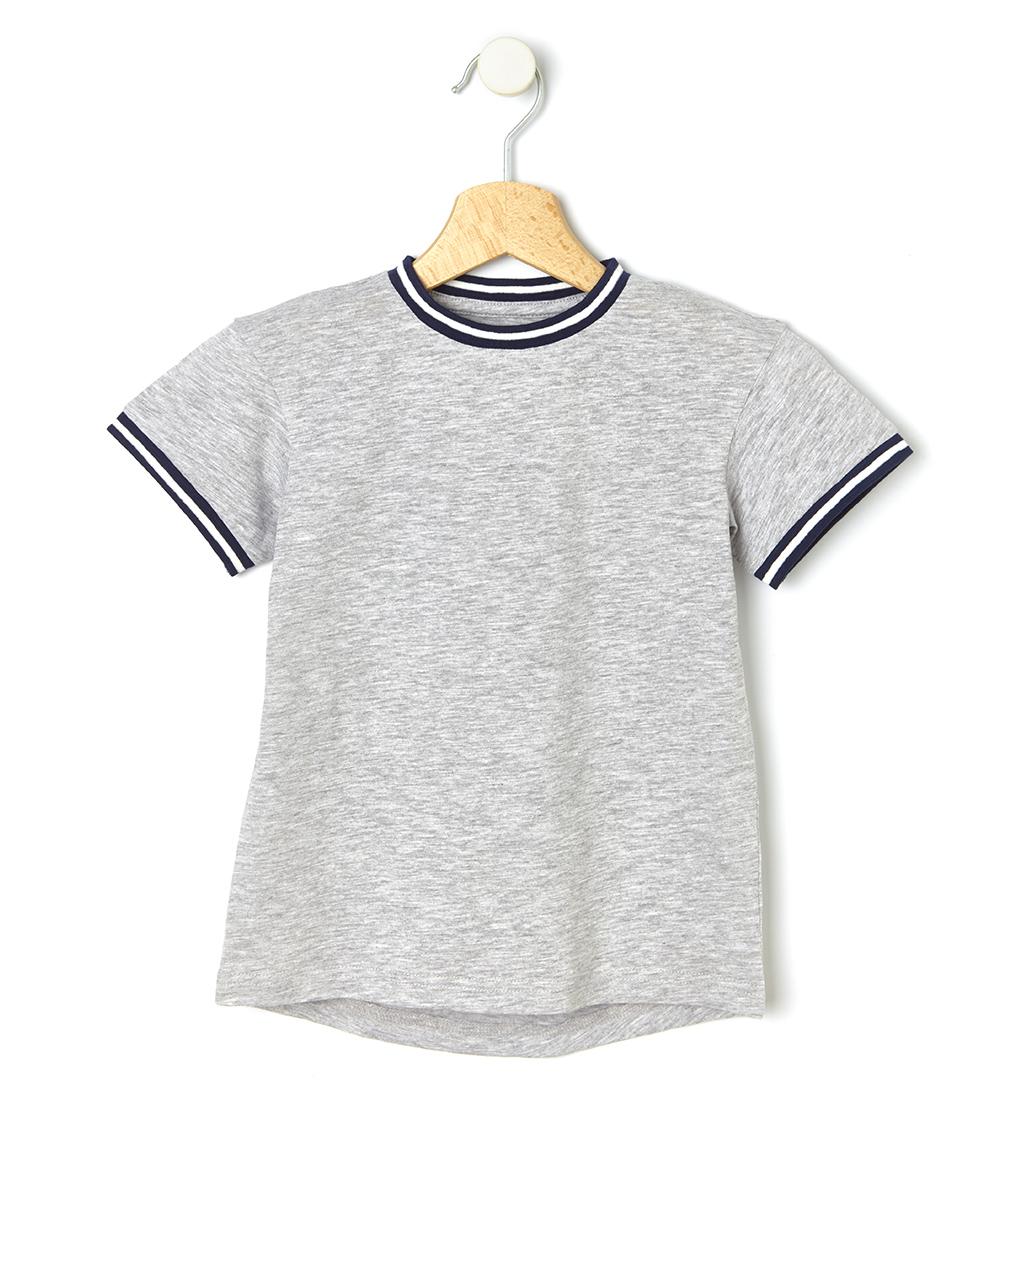 T-Shirt Βαμβακερό Γκρι για Αγόρι